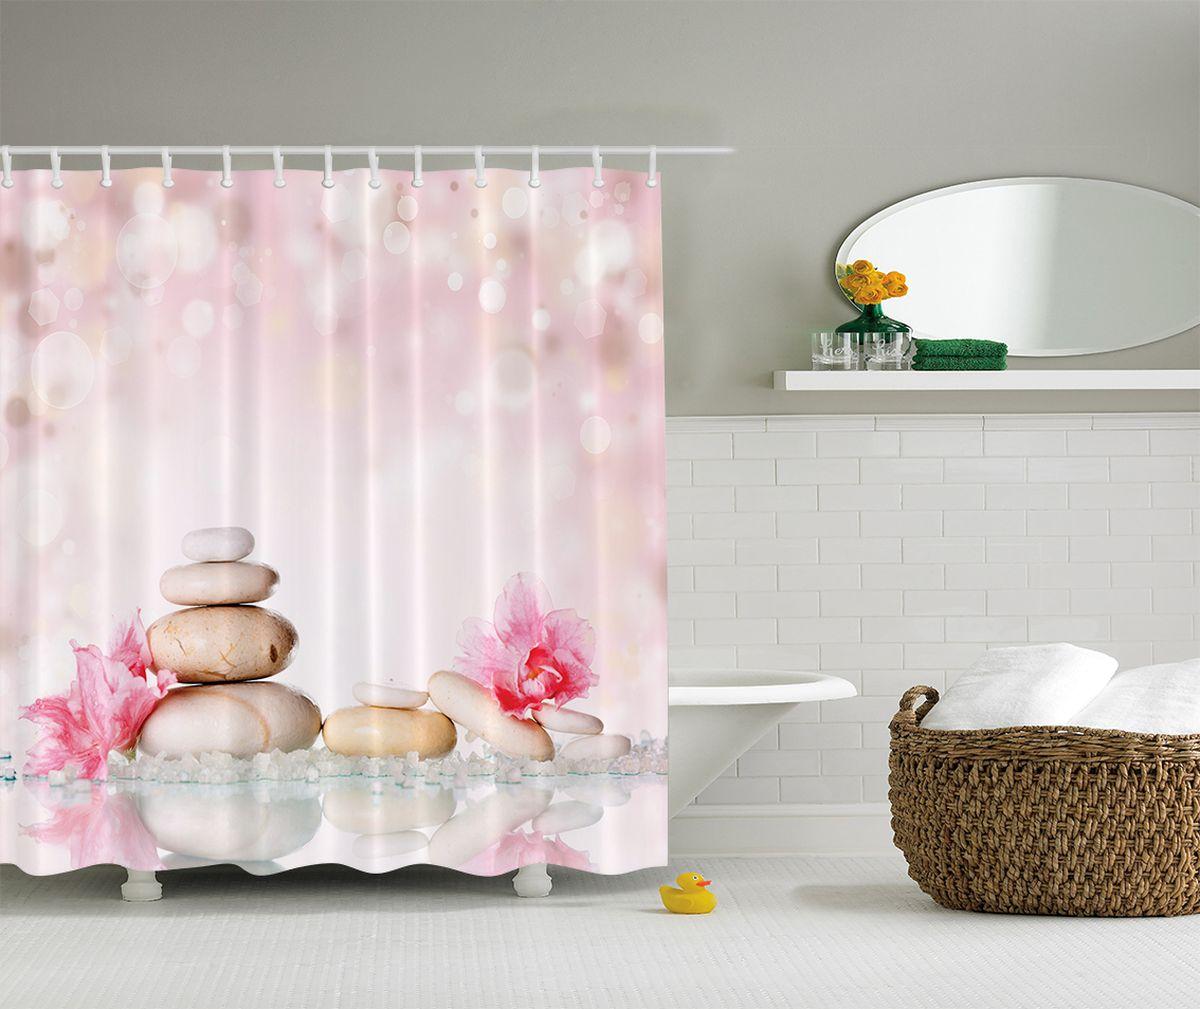 Штора для ванной комнаты Magic Lady Композиция, 180 х 200 см391602Компания Сэмболь изготавливает шторы из высококачественного сатена (полиэстер 100%). При изготовлении используются специальные гипоаллергенные чернила для прямой печати по ткани, безопасные для человека и животных. Экологичность продукции Magic lady и безопасность для окружающей среды подтверждены сертификатом Oeko-Tex Standard 100. Крепление: крючки (12 шт.). Внимание! При нанесении сублимационной печати на ткань технологическим методом при температуре 240 С, возможно отклонение полученных размеров, указанных на этикетке и сайте, от стандартных на + - 3-5 см. Мы стараемся максимально точно передать цвета изделия на наших фотографиях, однако искажения неизбежны и фактический цвет изделия может отличаться от воспринимаемого по фото. Обратите внимание! Шторы изготовлены из полиэстра сатенового переплетения, а не из сатина (хлопок). Размер шторы 180*200 см. В комплекте 1 штора и 12 крючков.